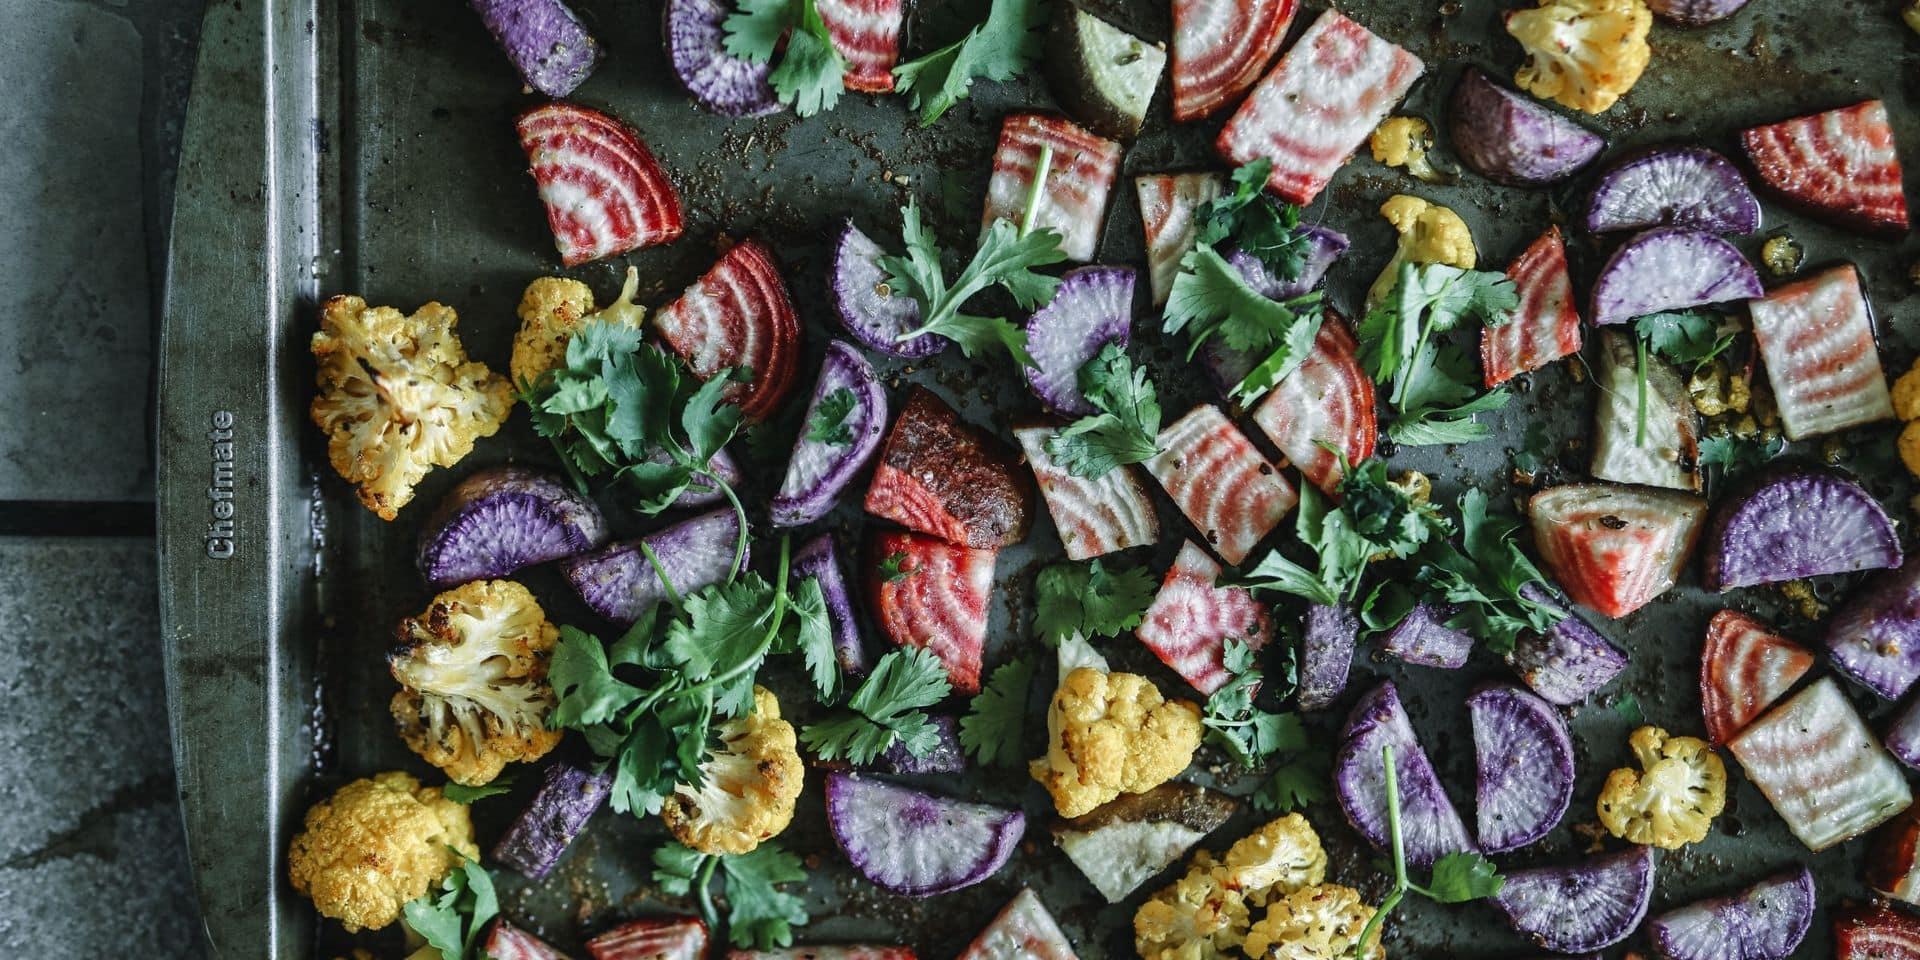 Les légumes de saison en mars : On va pouvoir manger autre chose que du chou, des poireaux et des carottes !